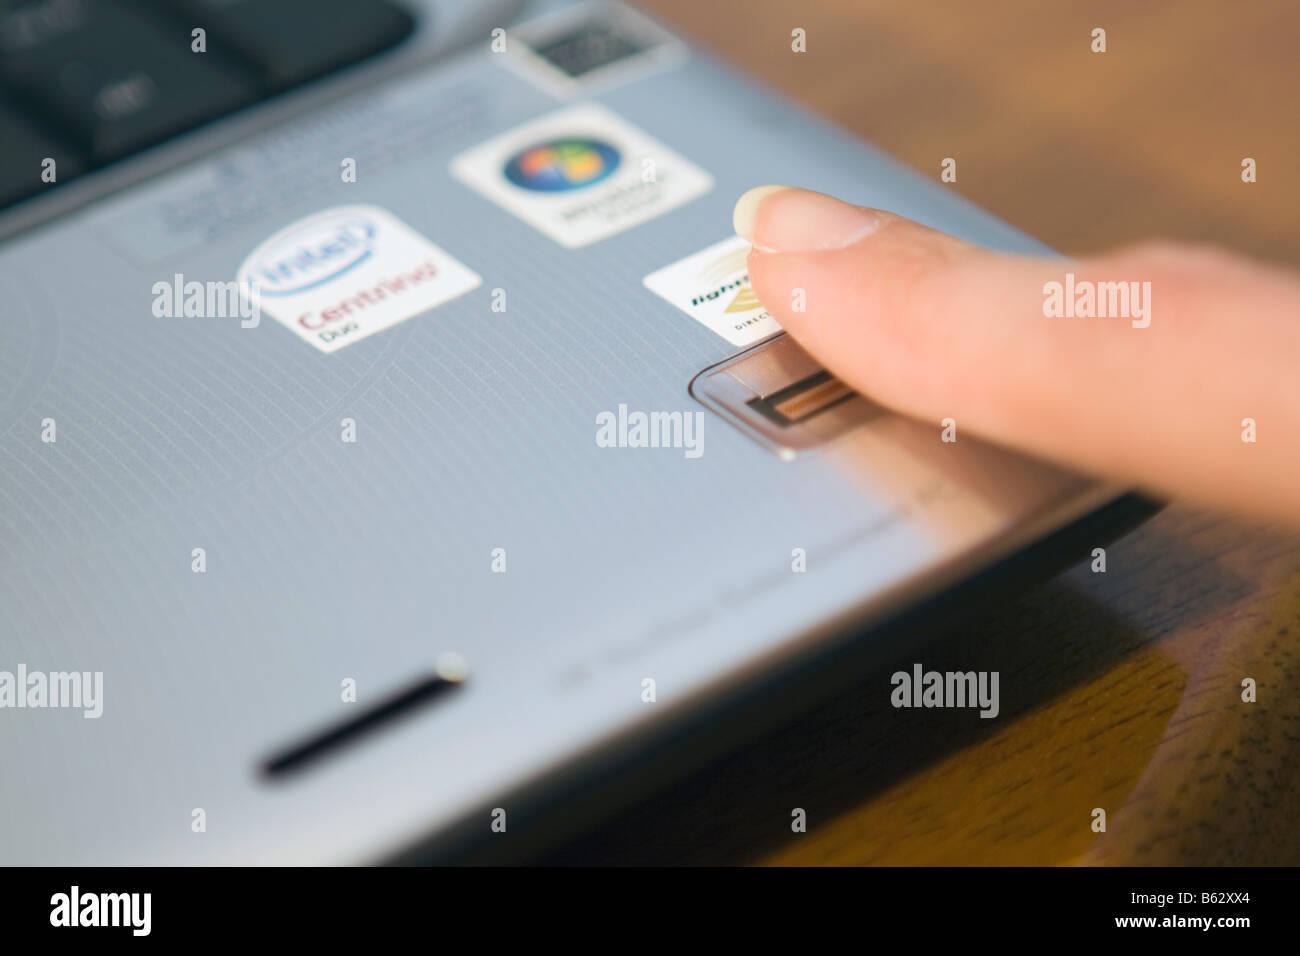 La donna accede a un PC notebook scorrendo il dito su un lettore di impronte digitali biometrico. Immagini Stock